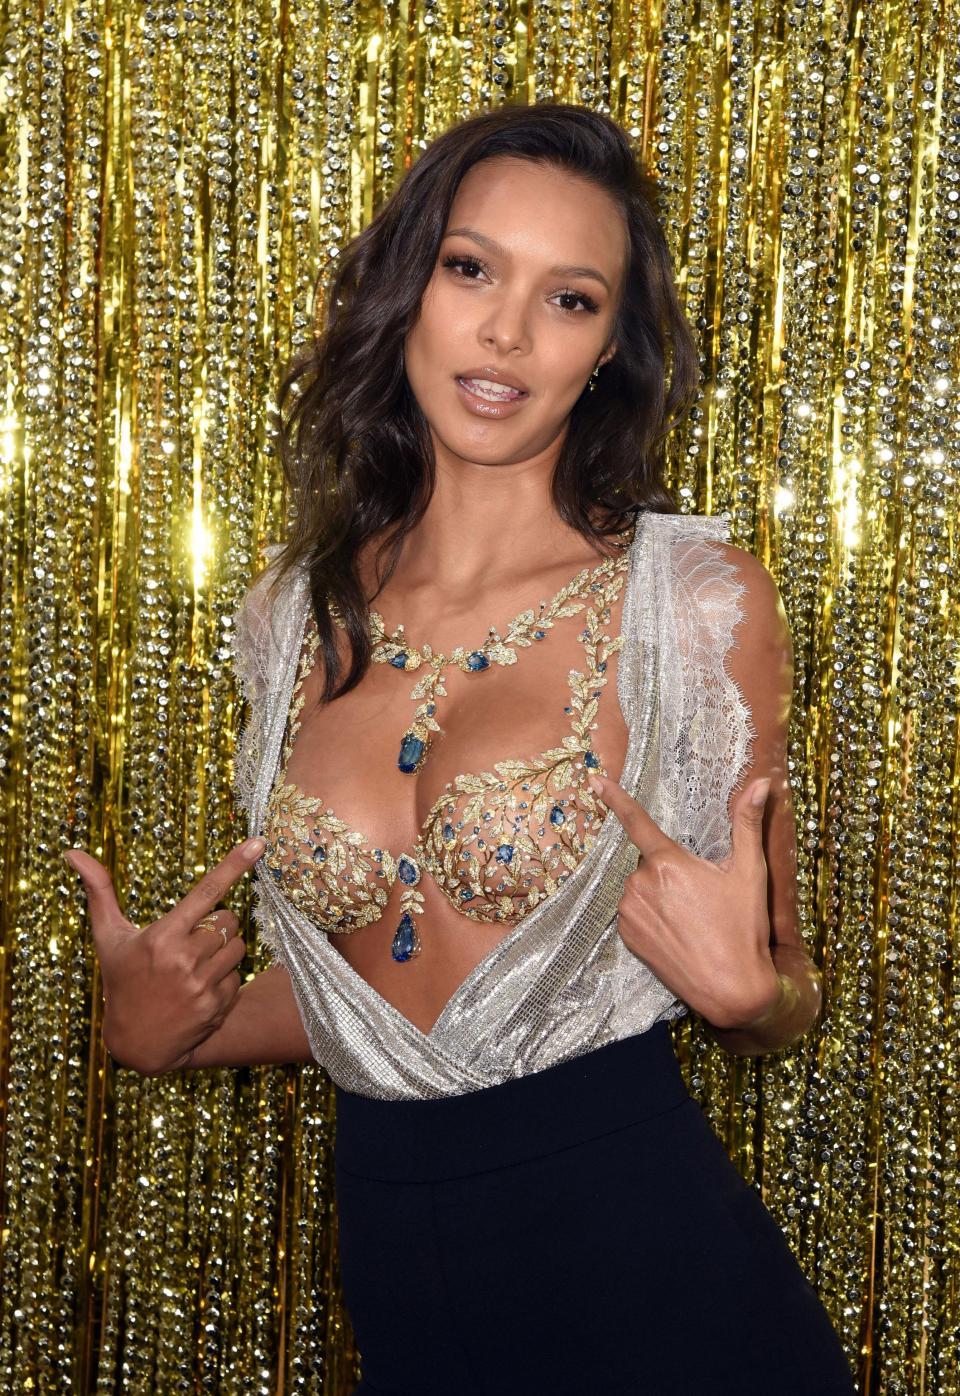 'Thiên thần' Victoria's Secret khoe áo ngực triệu đô trước show diễn Ảnh 4